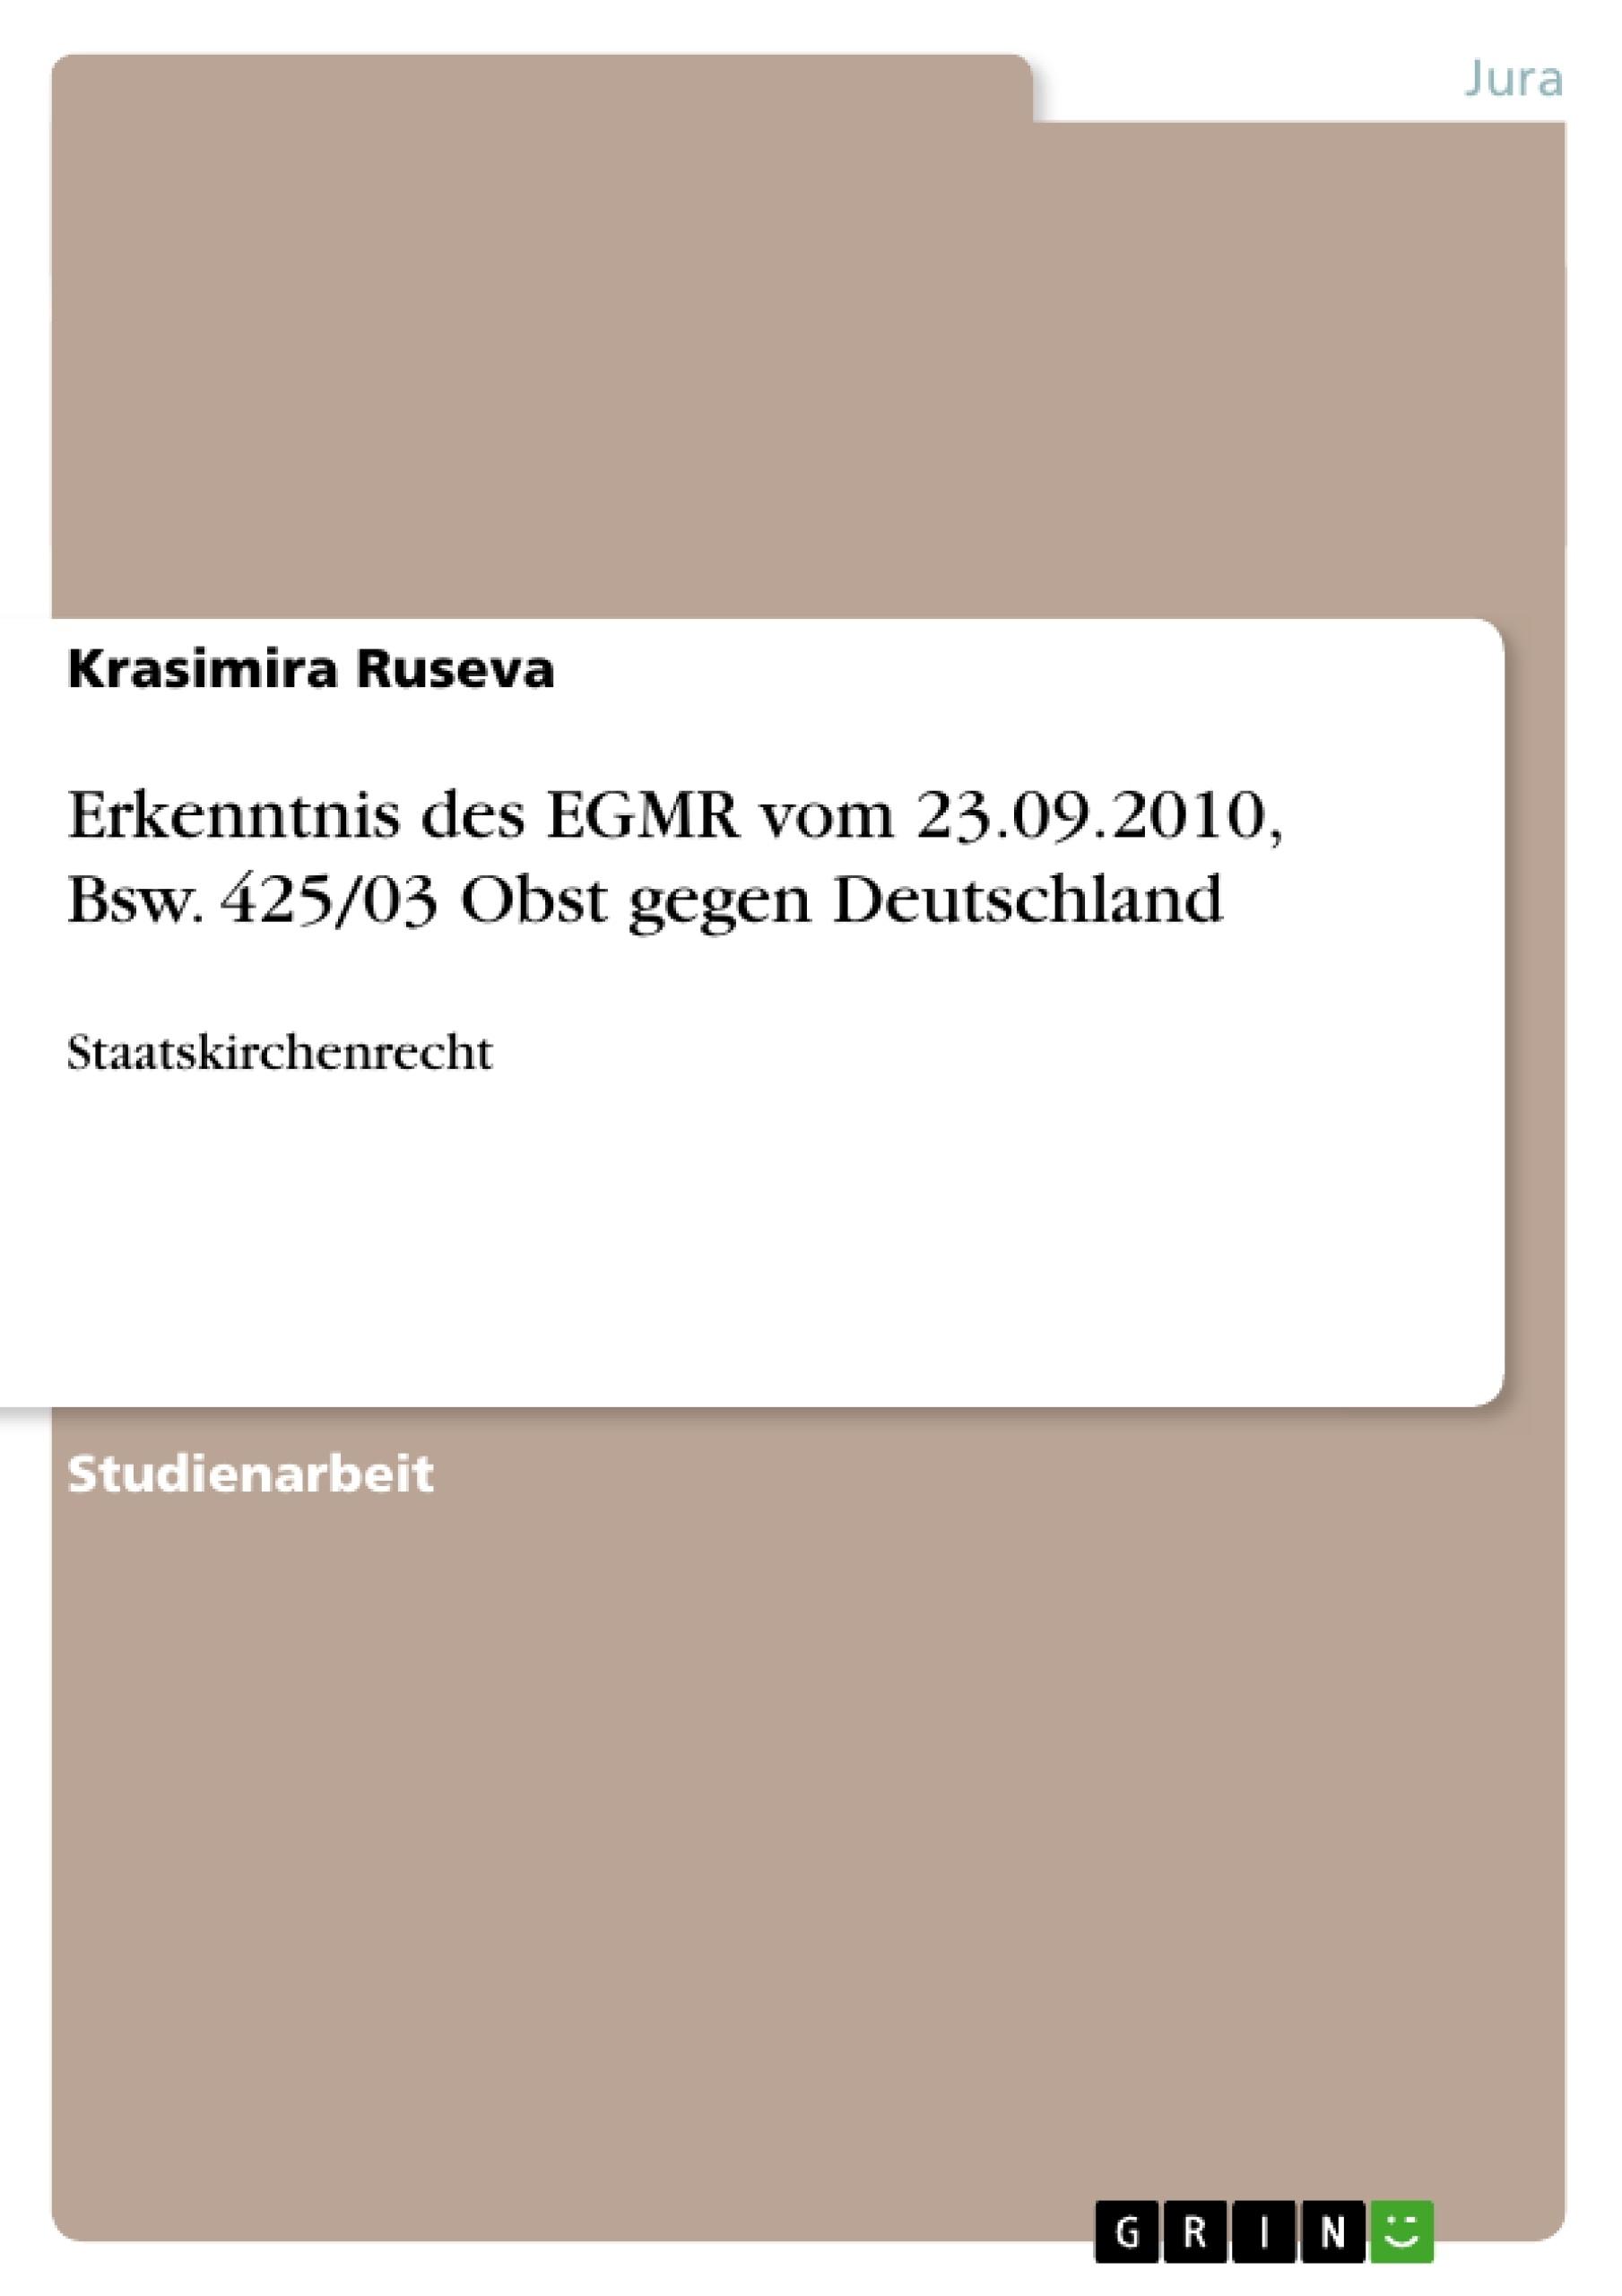 Titel: Erkenntnis des EGMR vom 23.09.2010, Bsw. 425/03 Obst gegen Deutschland